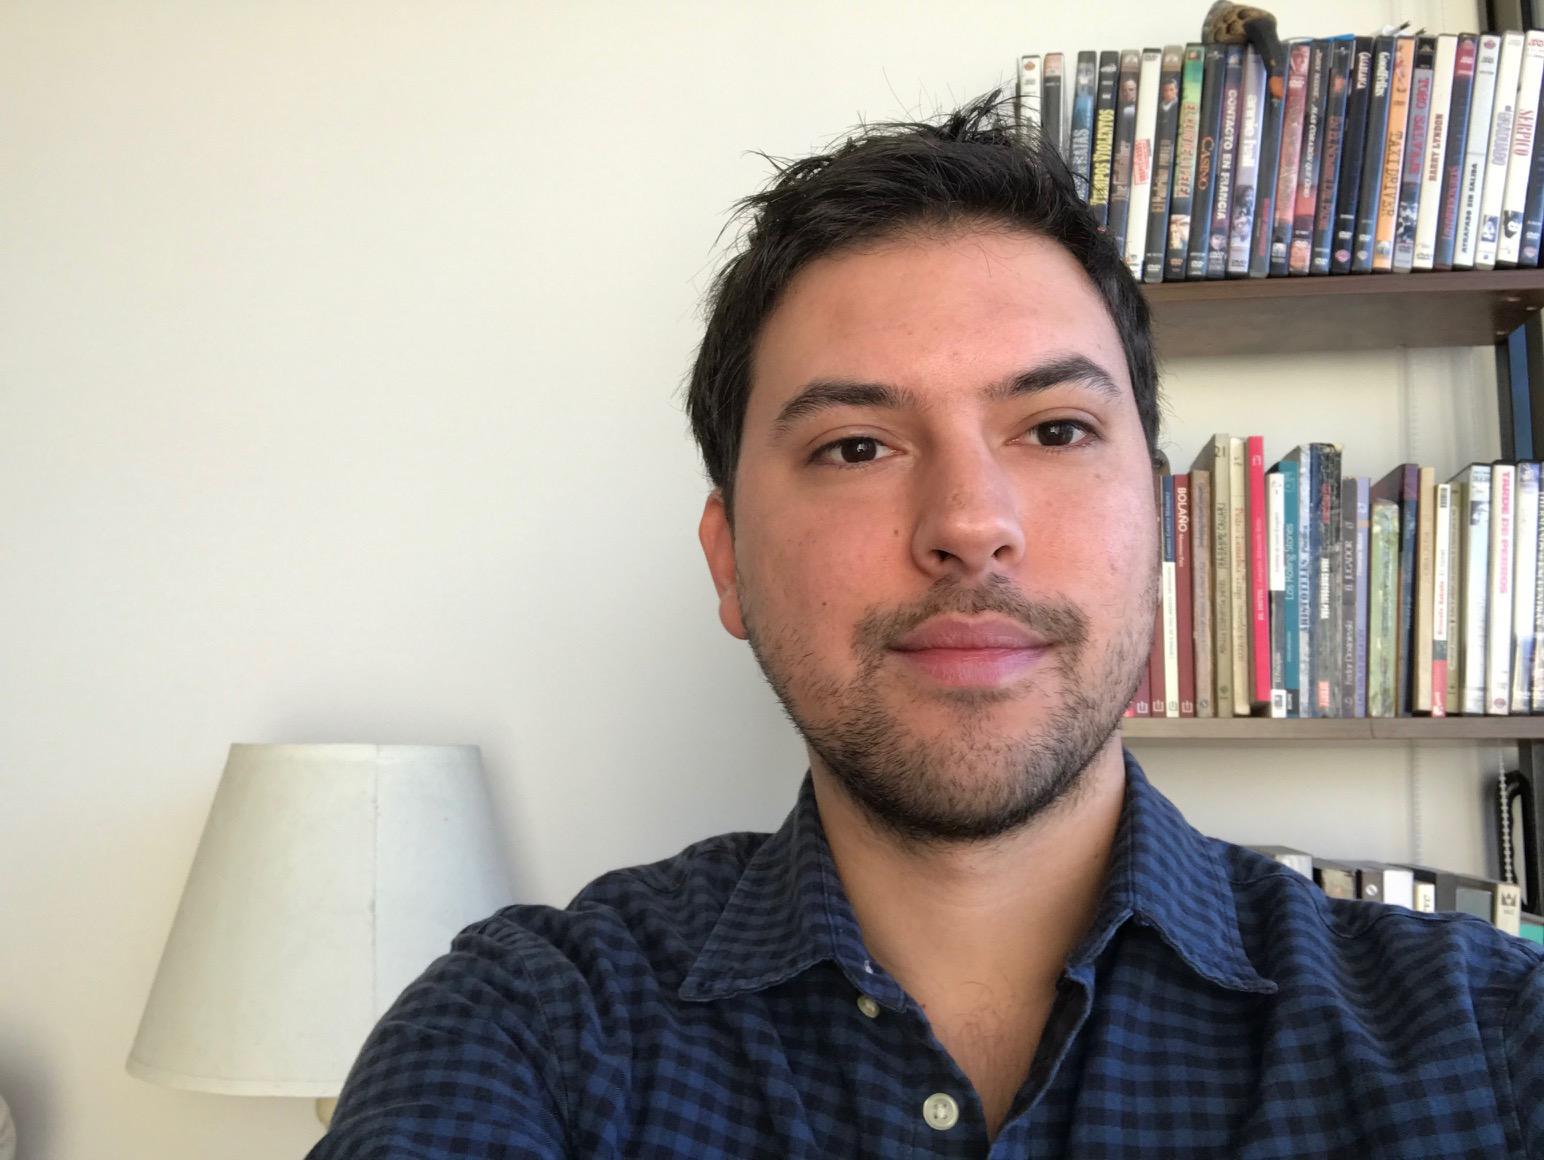 Diego Almazabar de Portal Pyme nos habló de los beneficios del e-commerce y del marketing digital